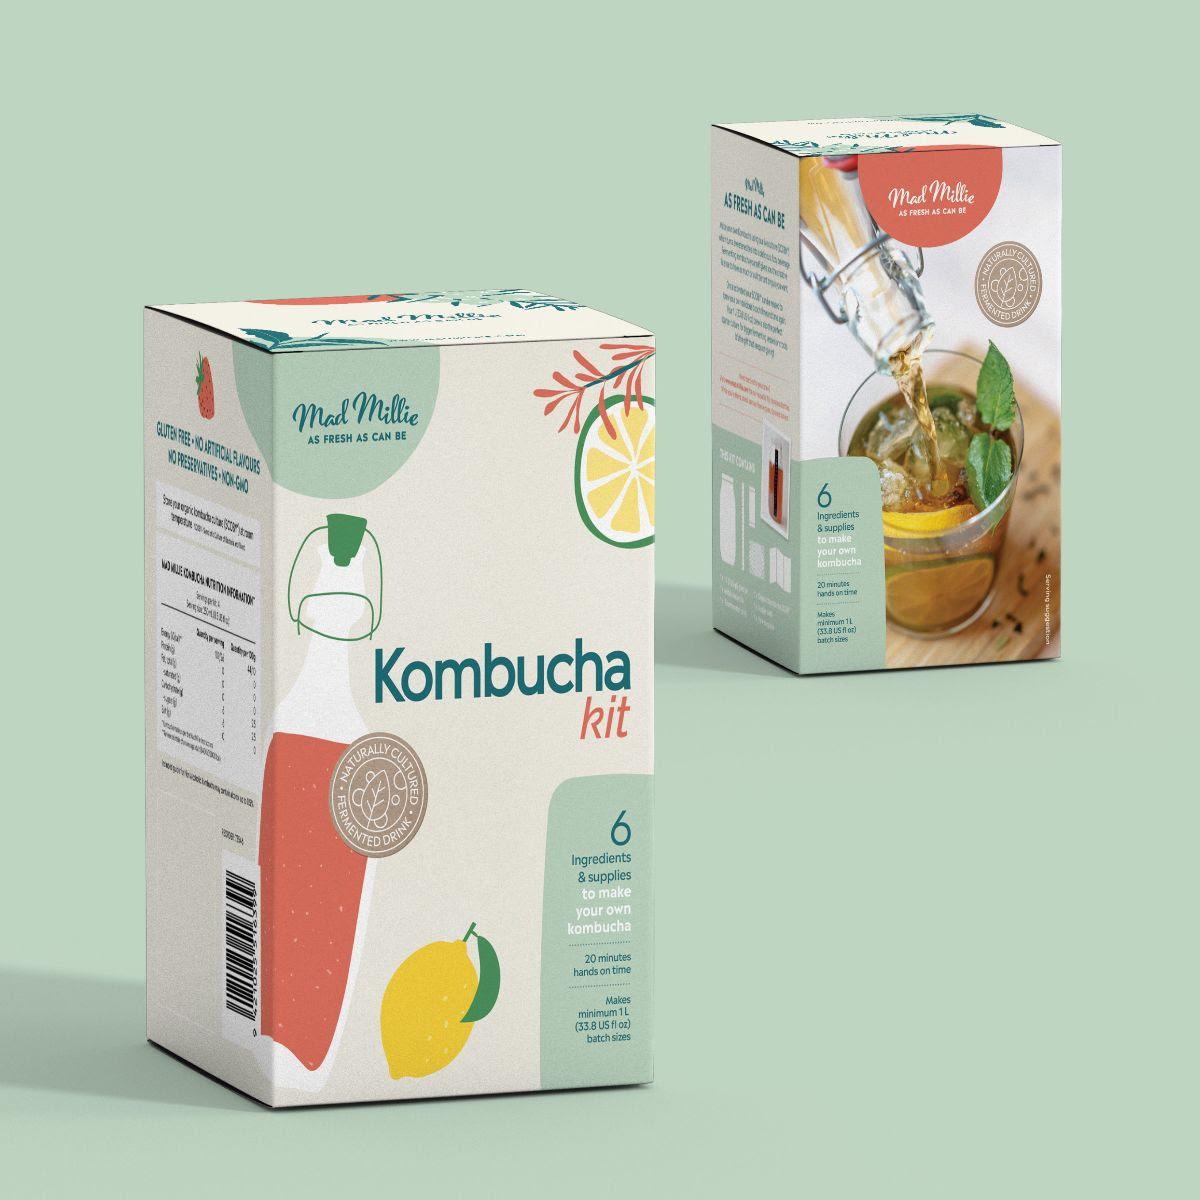 Mad Millie - Kombucha Kit image